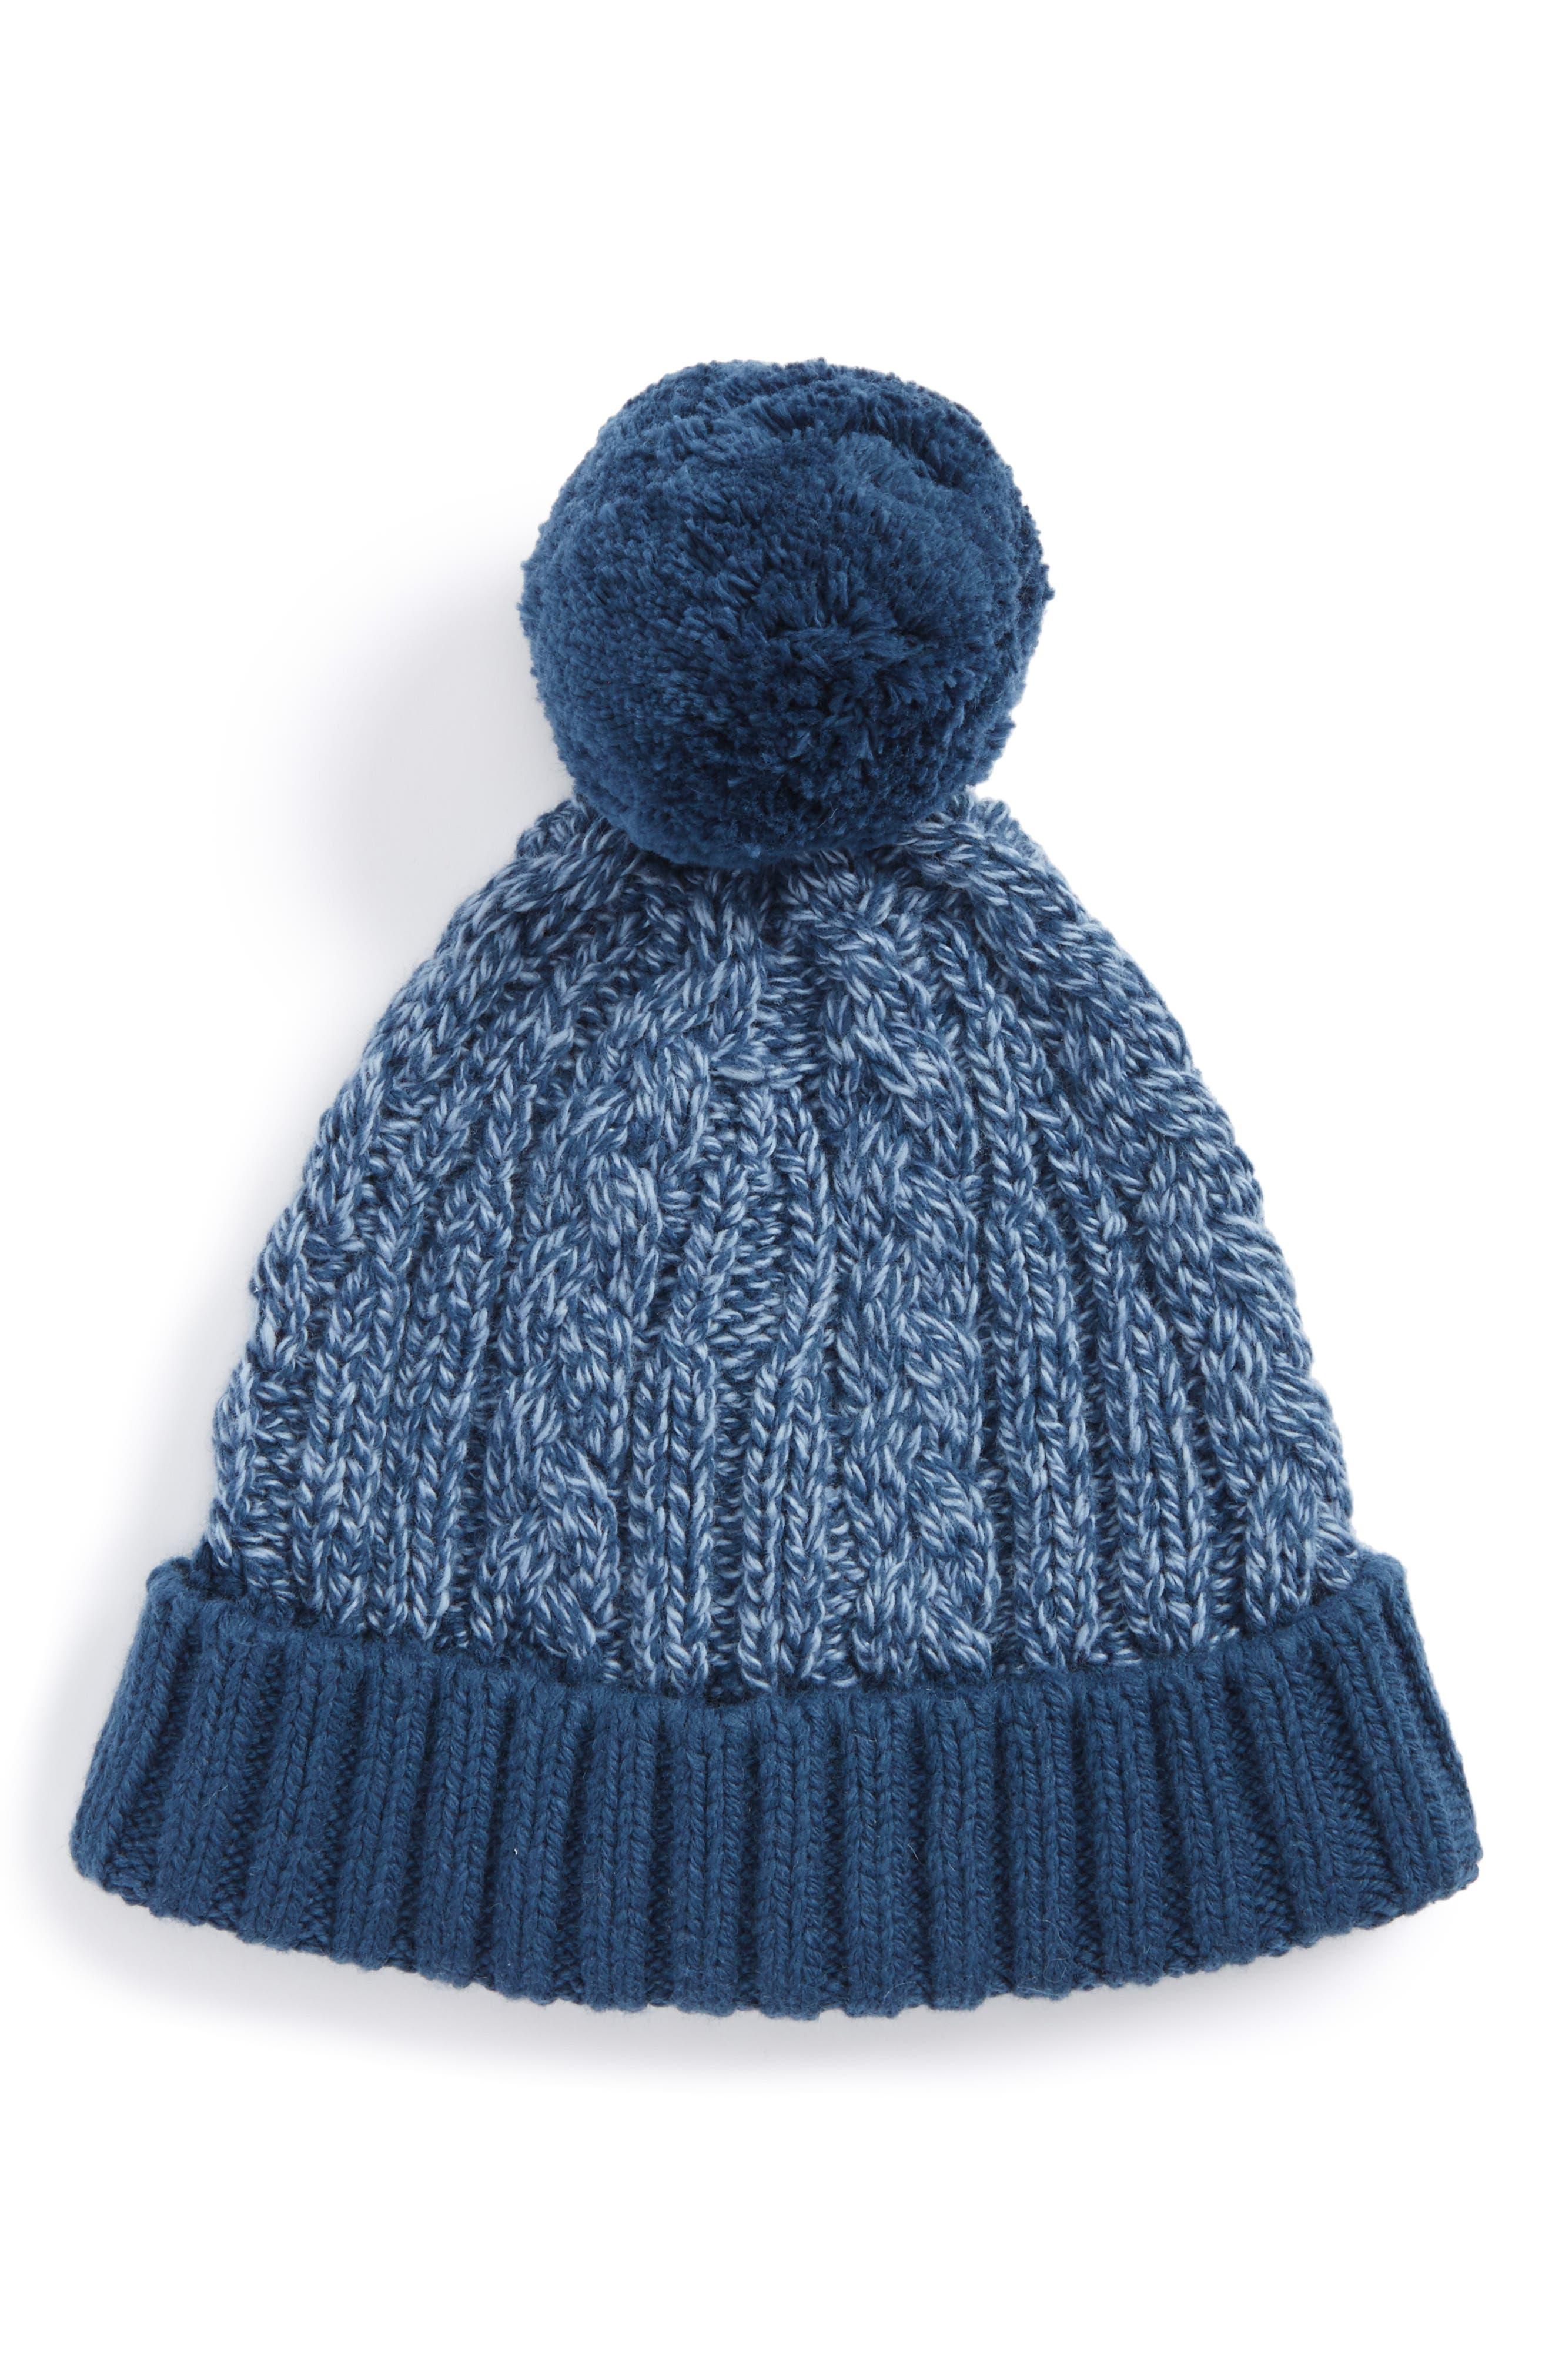 Cable Knit Pompom Hat,                             Main thumbnail 1, color,                             Navy Denim- Blue